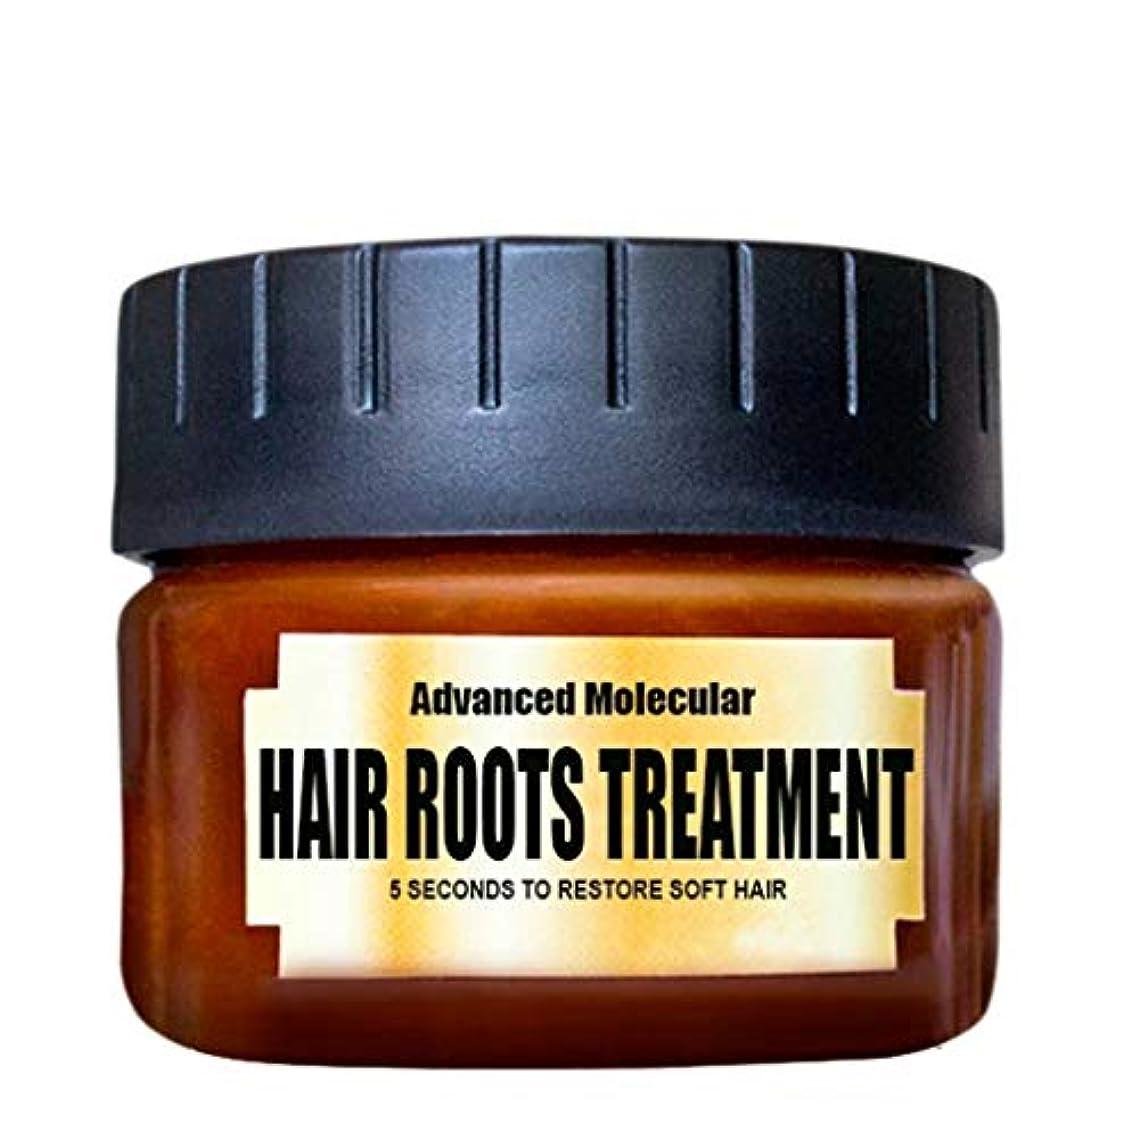 入学するトチの実の木法医学DOUJI 天然植物成分 ヘアケア リッチリペア コンディショナー60ml コンディショナー 髪の解毒ヘアマスク高度な分子毛根治療回復エクストラダメージケア トリートメント